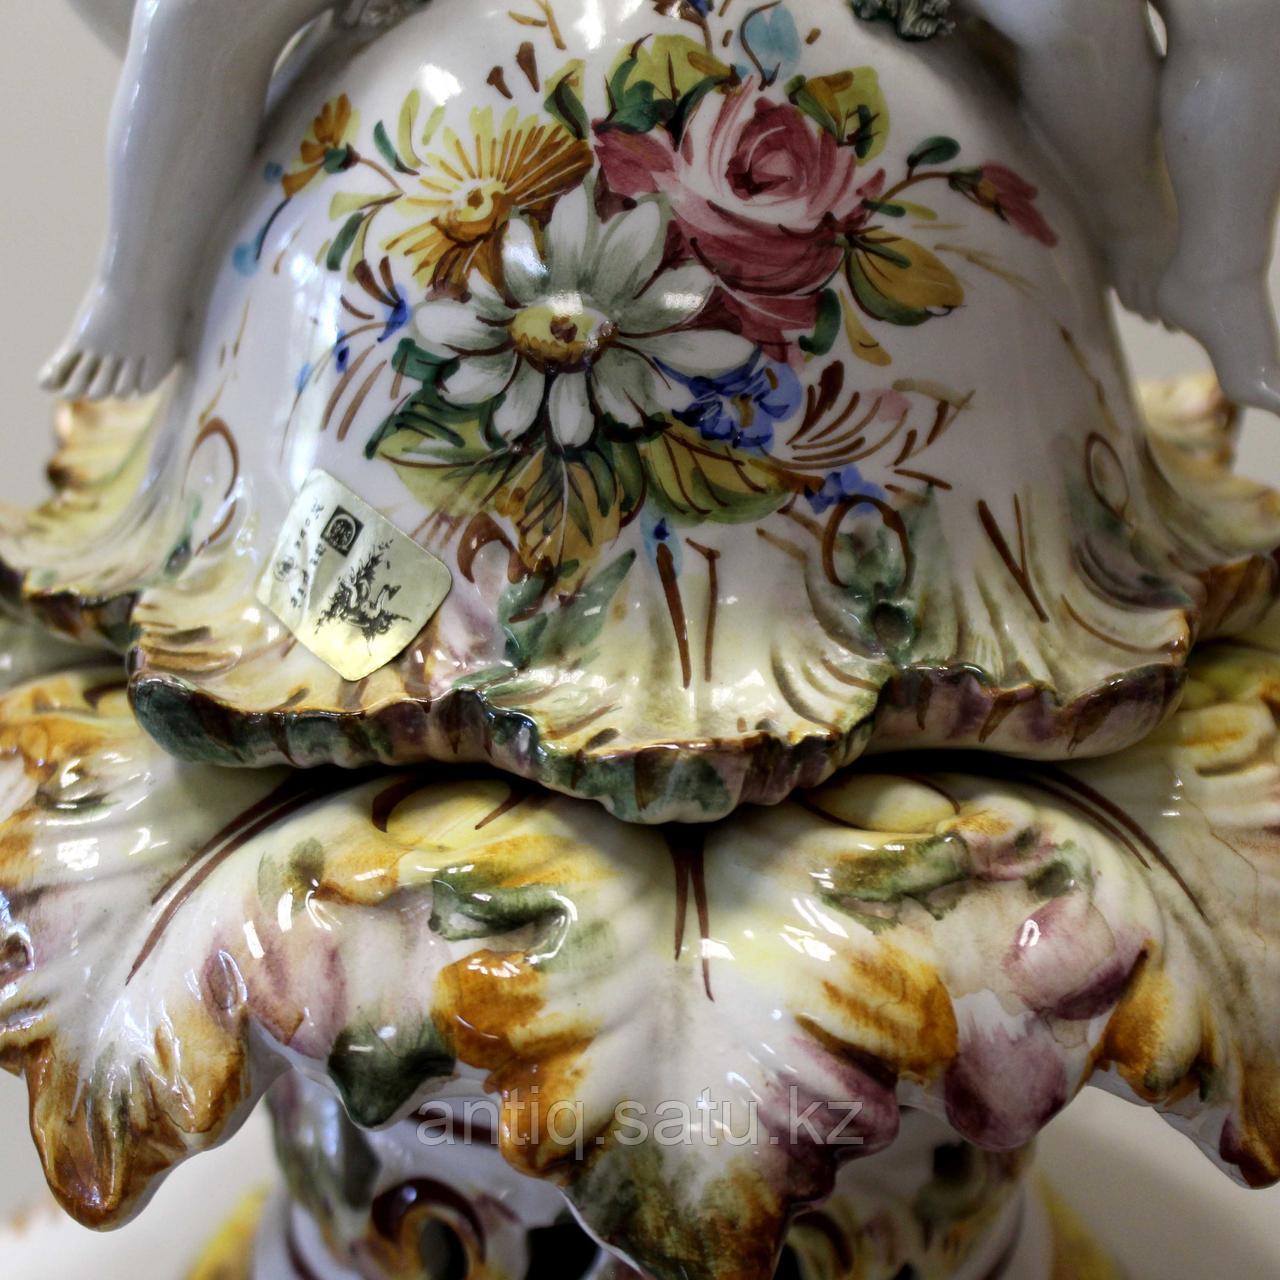 Напольная ваза Carpie Nove. Фарфоровая мануфактура Carpie Nove / Capodimonte - фото 4